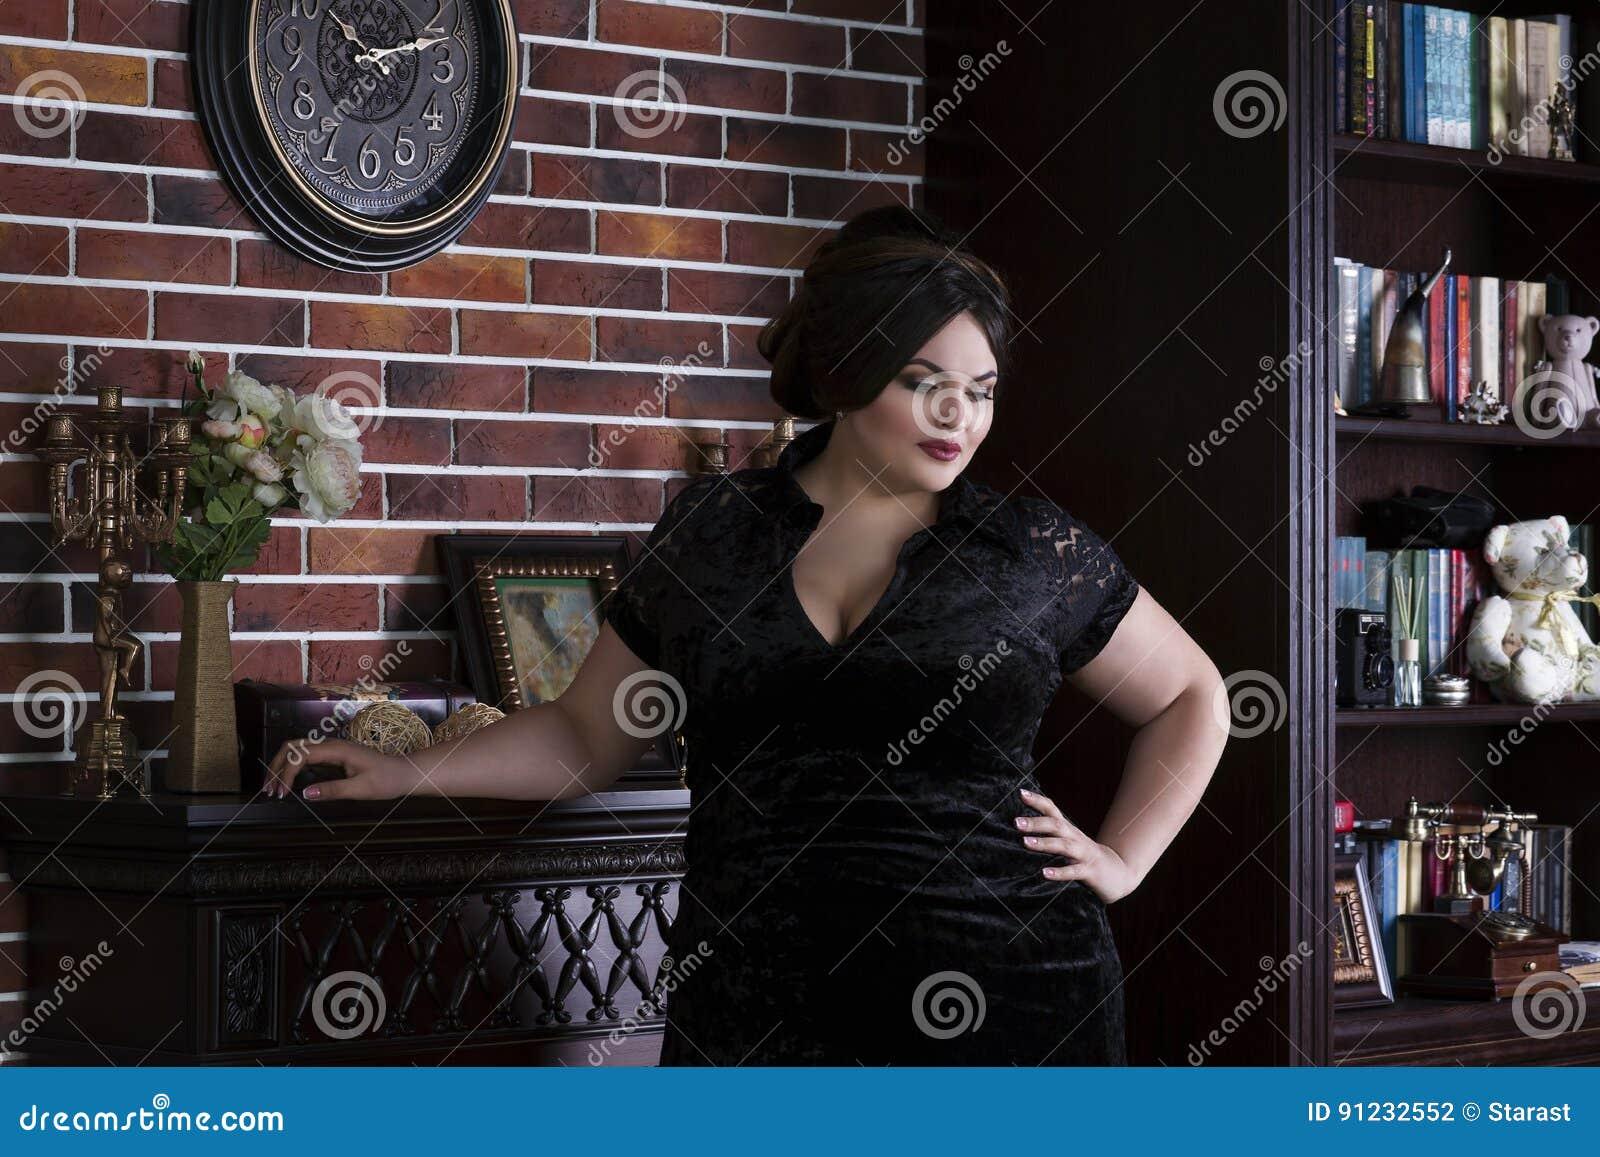 Modelo de forma positivo do tamanho no vestido de noite preto, mulher gorda no interior luxuoso, corpo fêmea excesso de peso